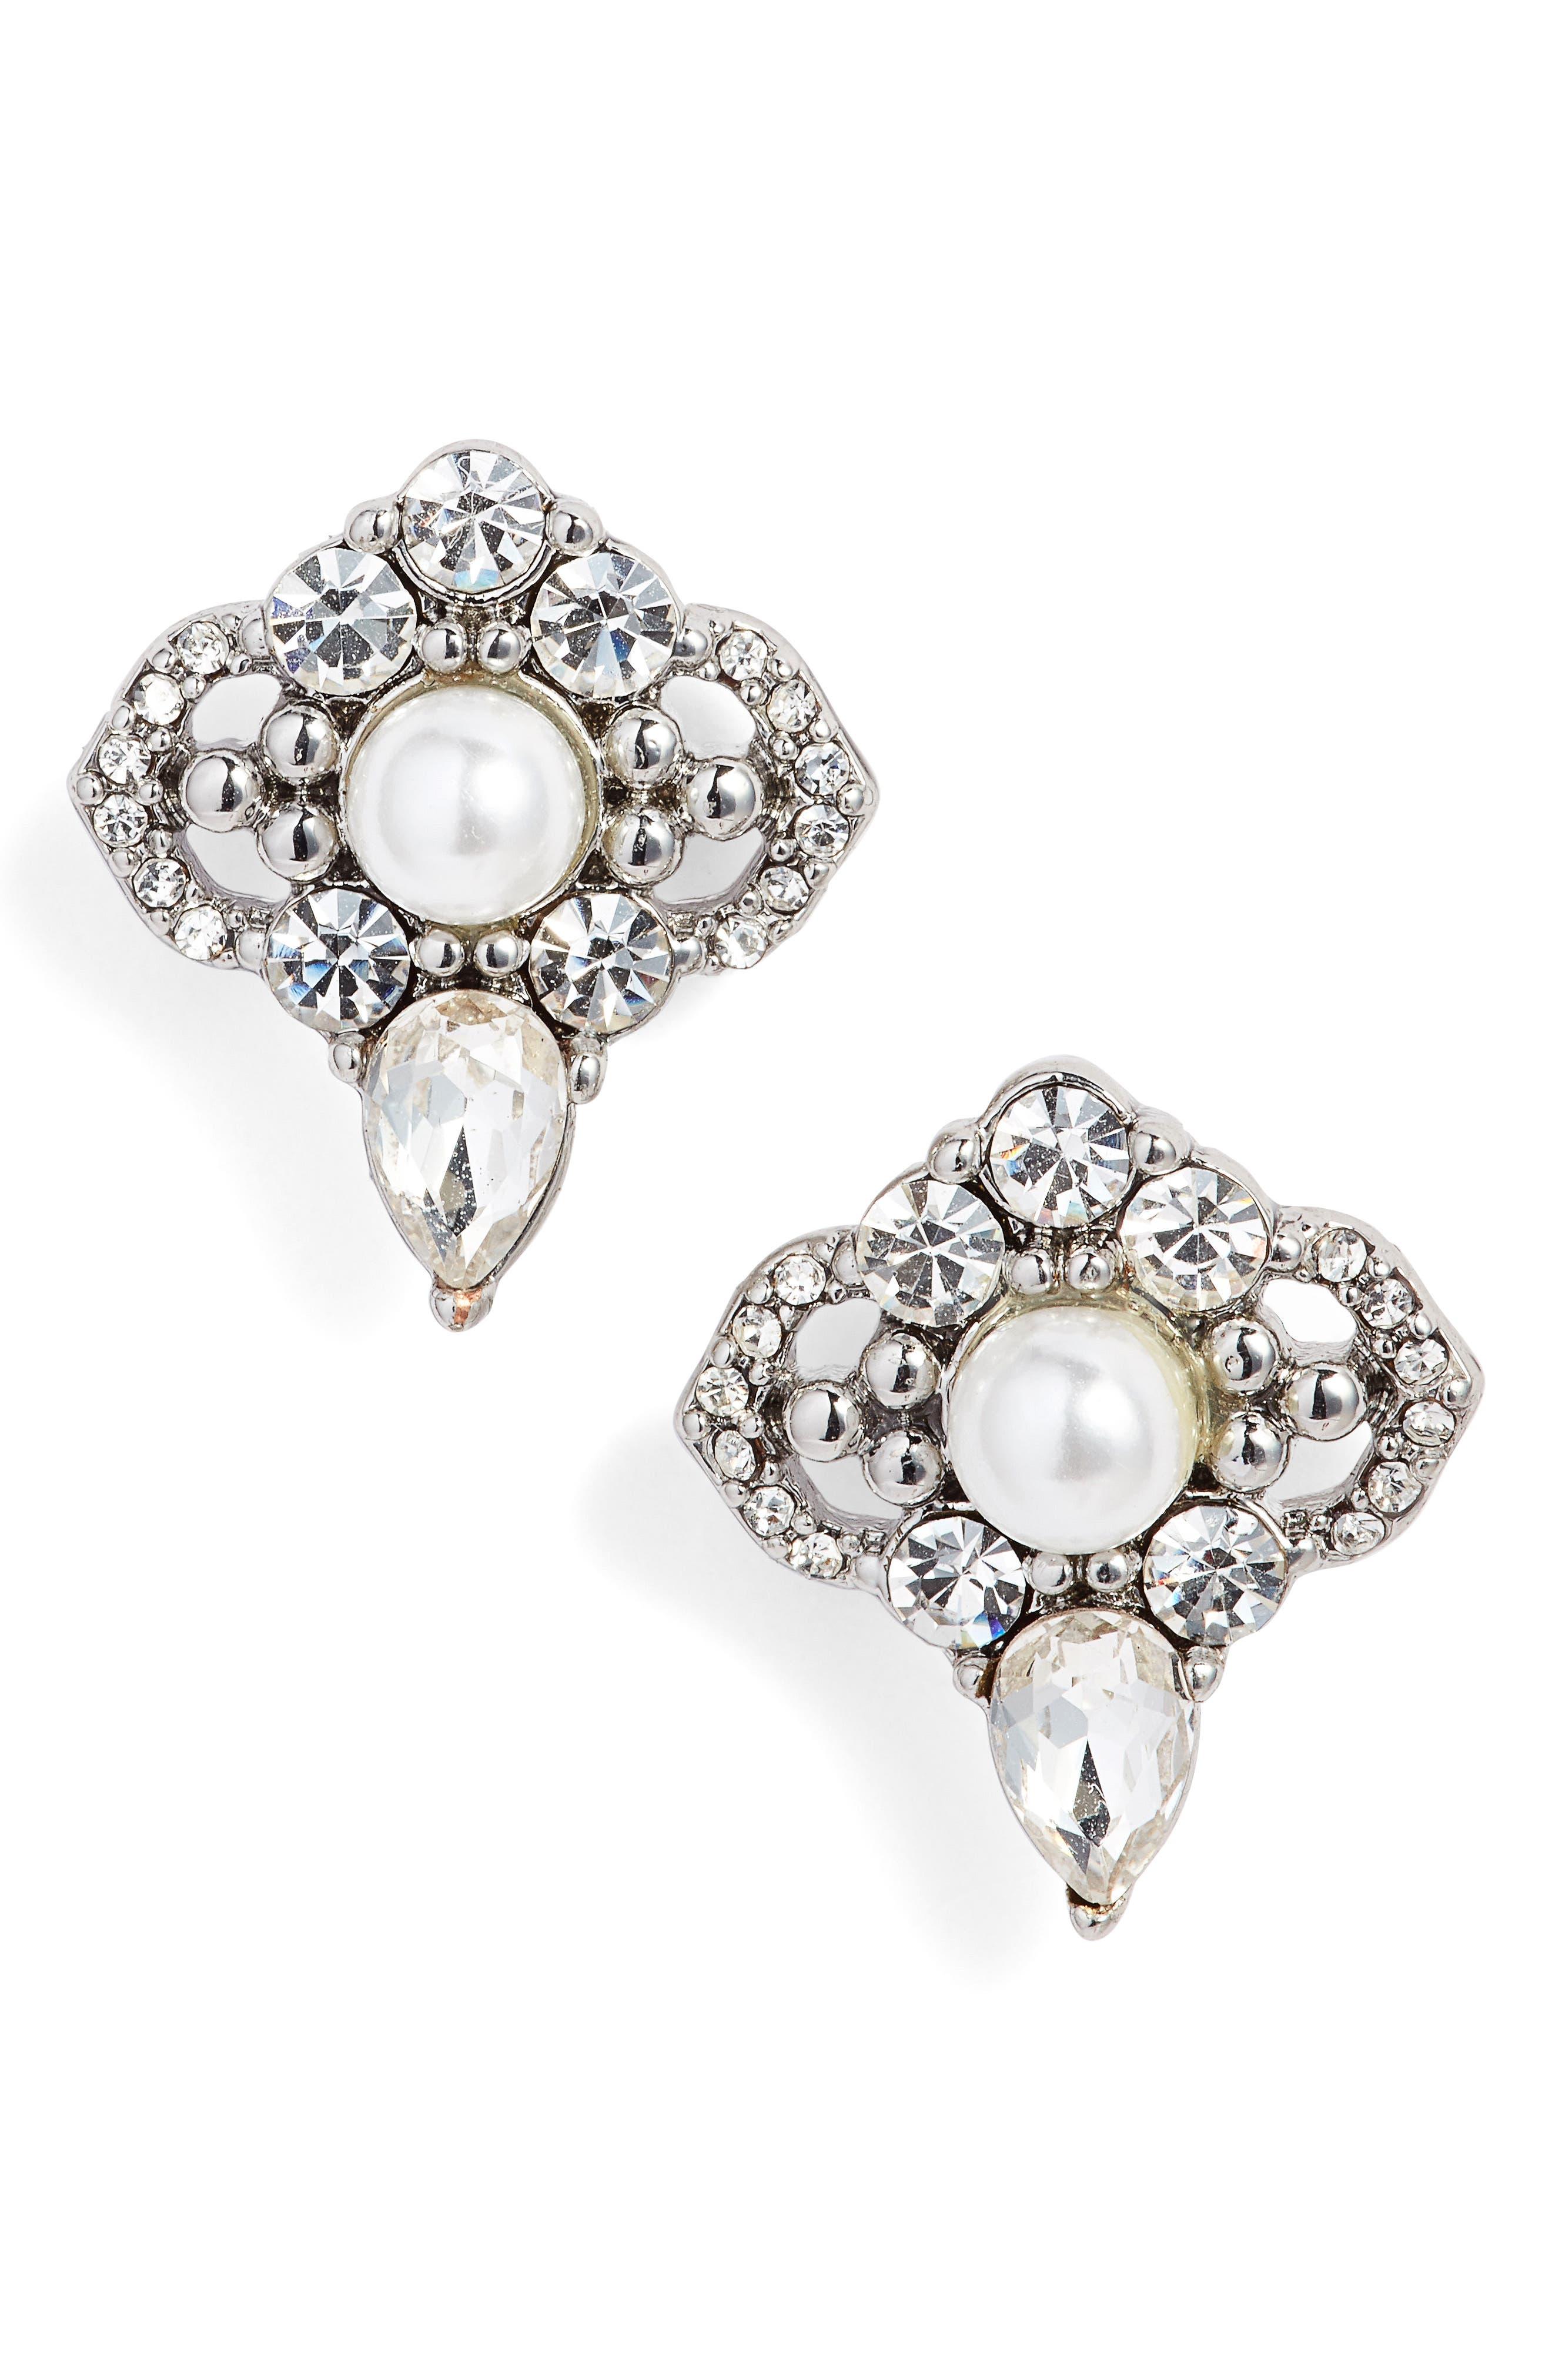 Main Image - Jenny Packham Cluster Stud Earrings